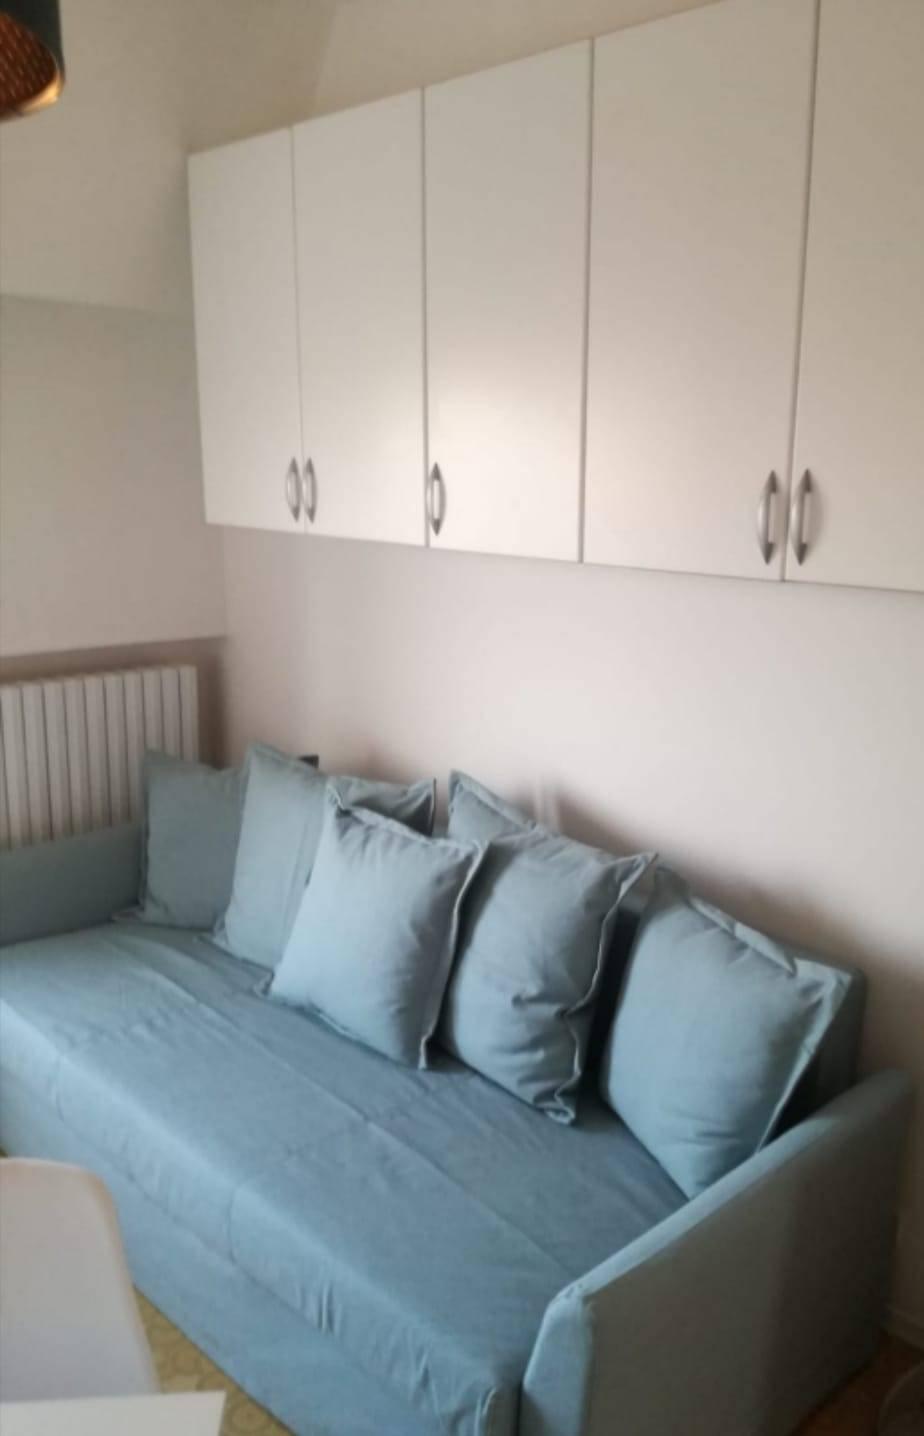 Appartamento in affitto a Bellaria Igea Marina, 2 locali, zona Zona: Bellaria, prezzo € 1.000 | CambioCasa.it